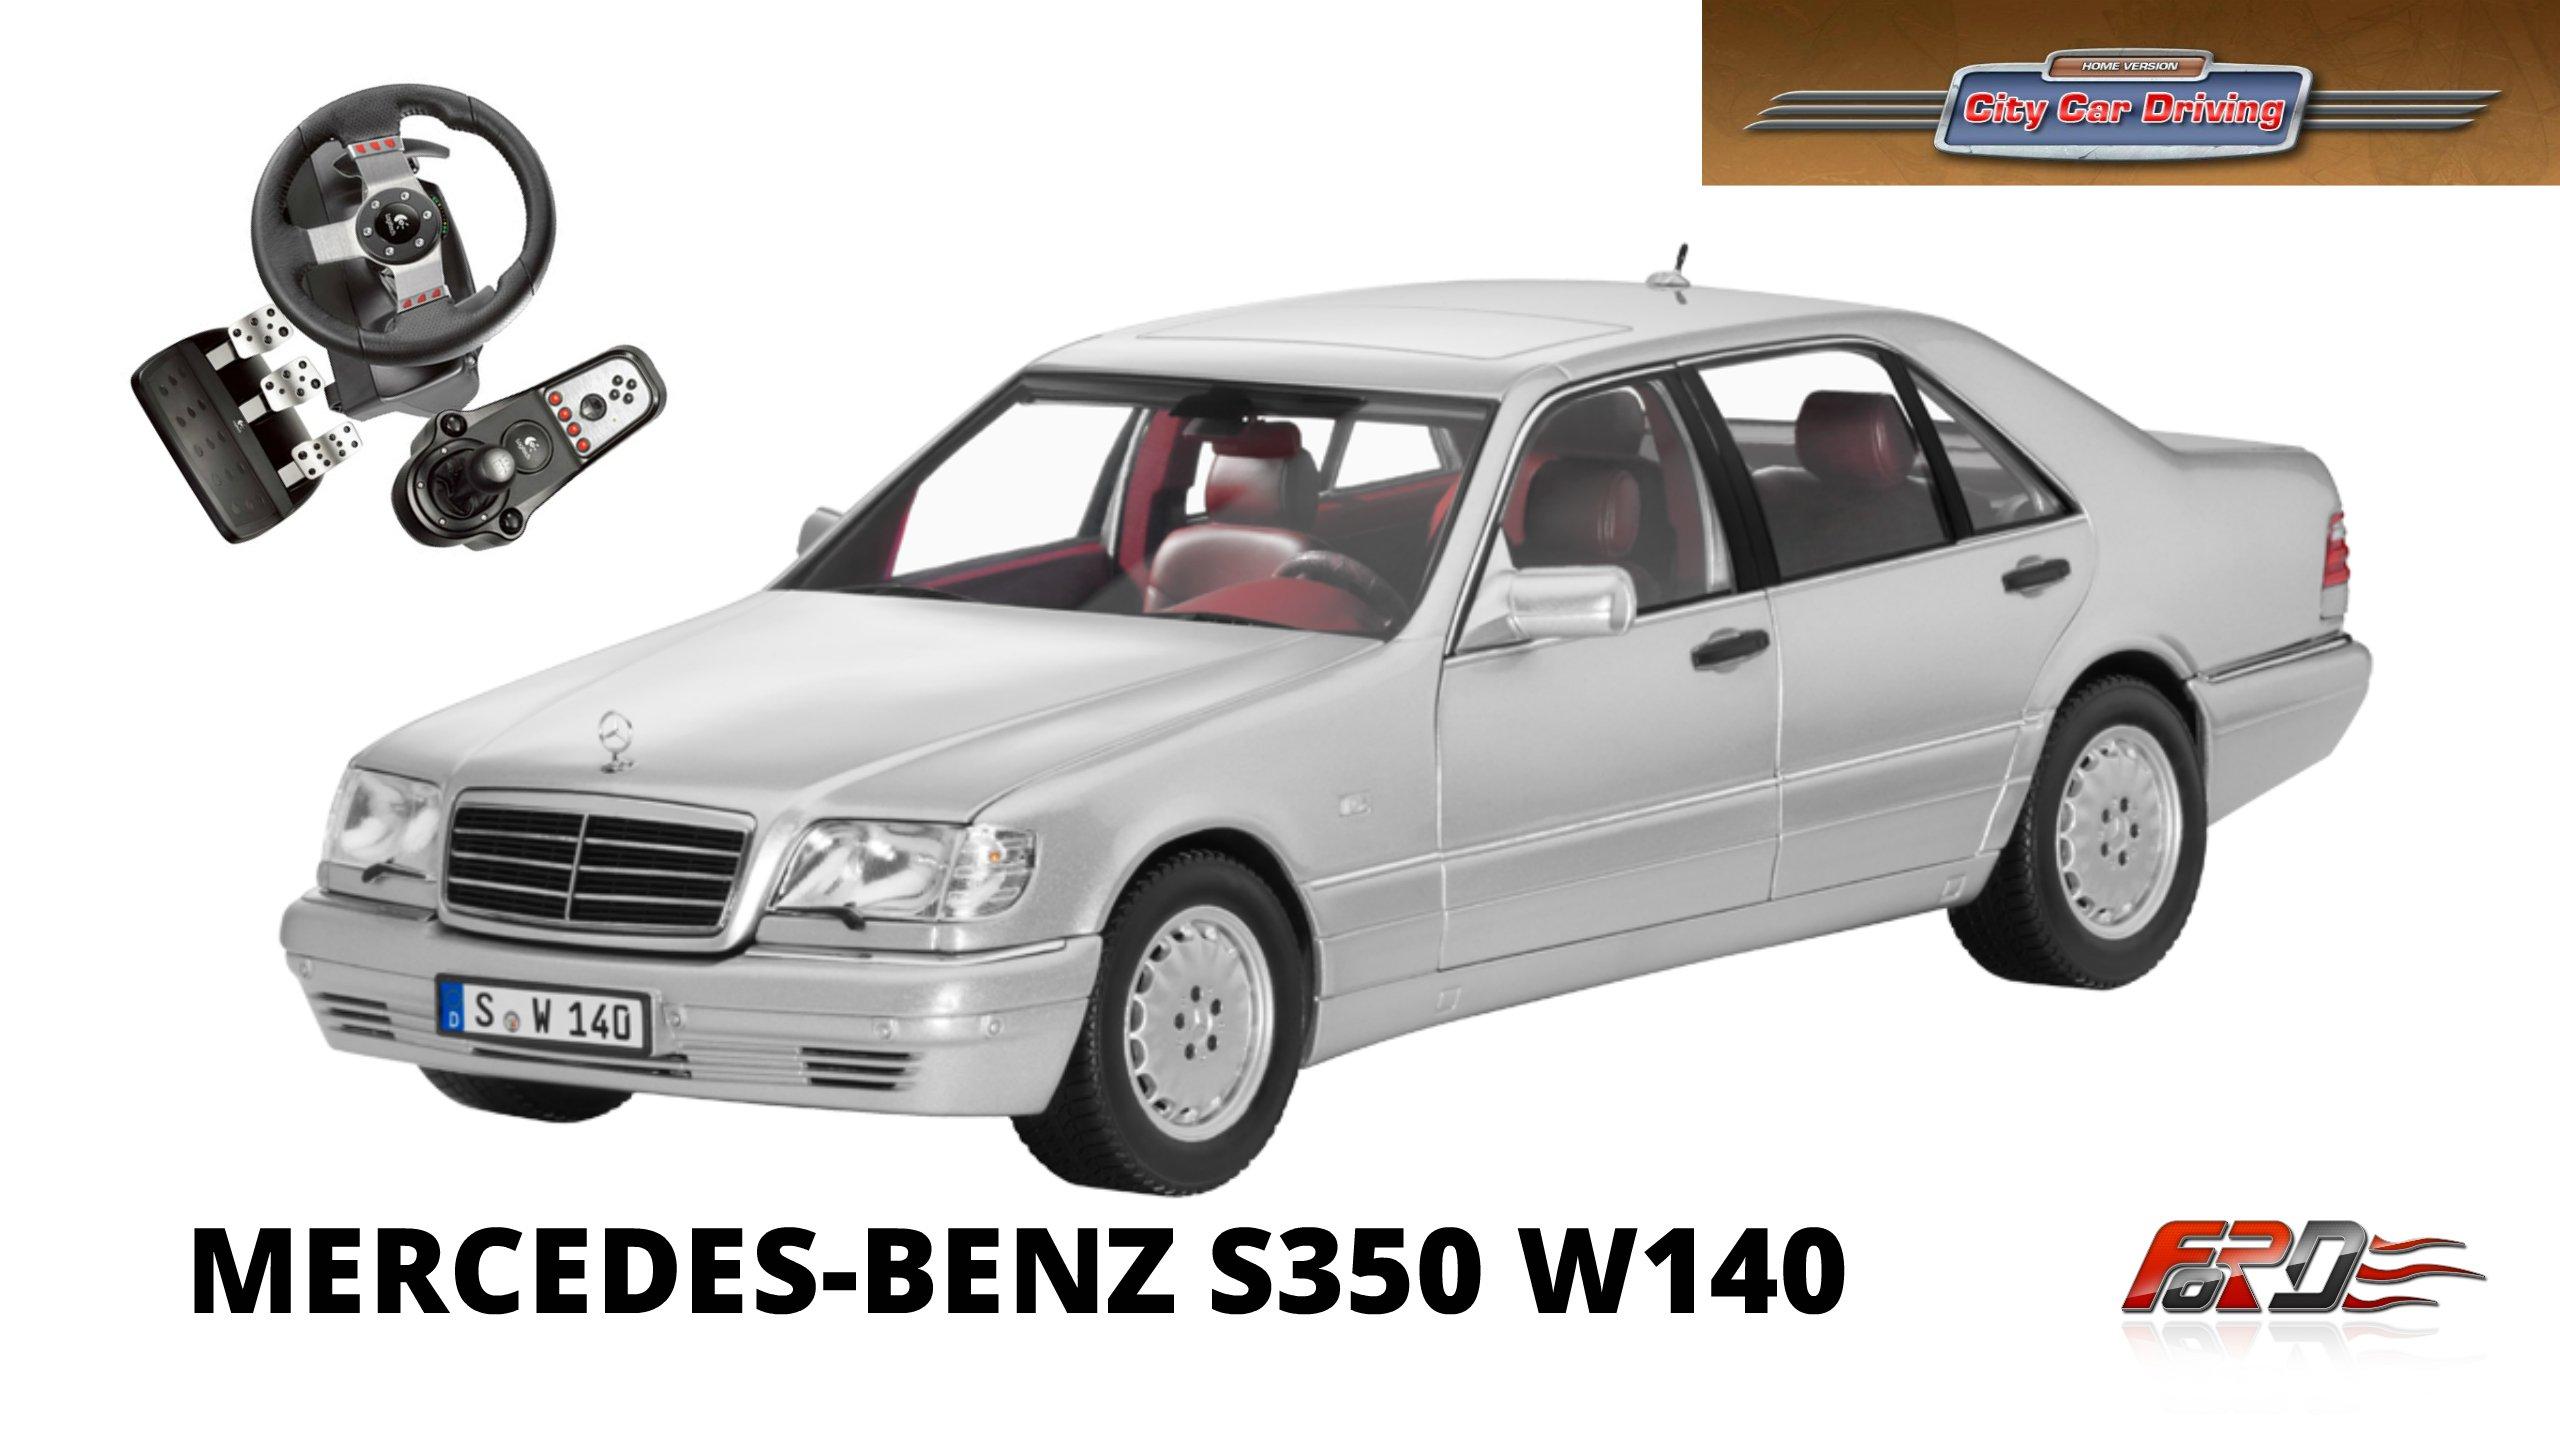 Mercedes-Benz S350 W140 тест-драйв, обзор легендарные автомобили девяностых City Car Driving - Изображение 1